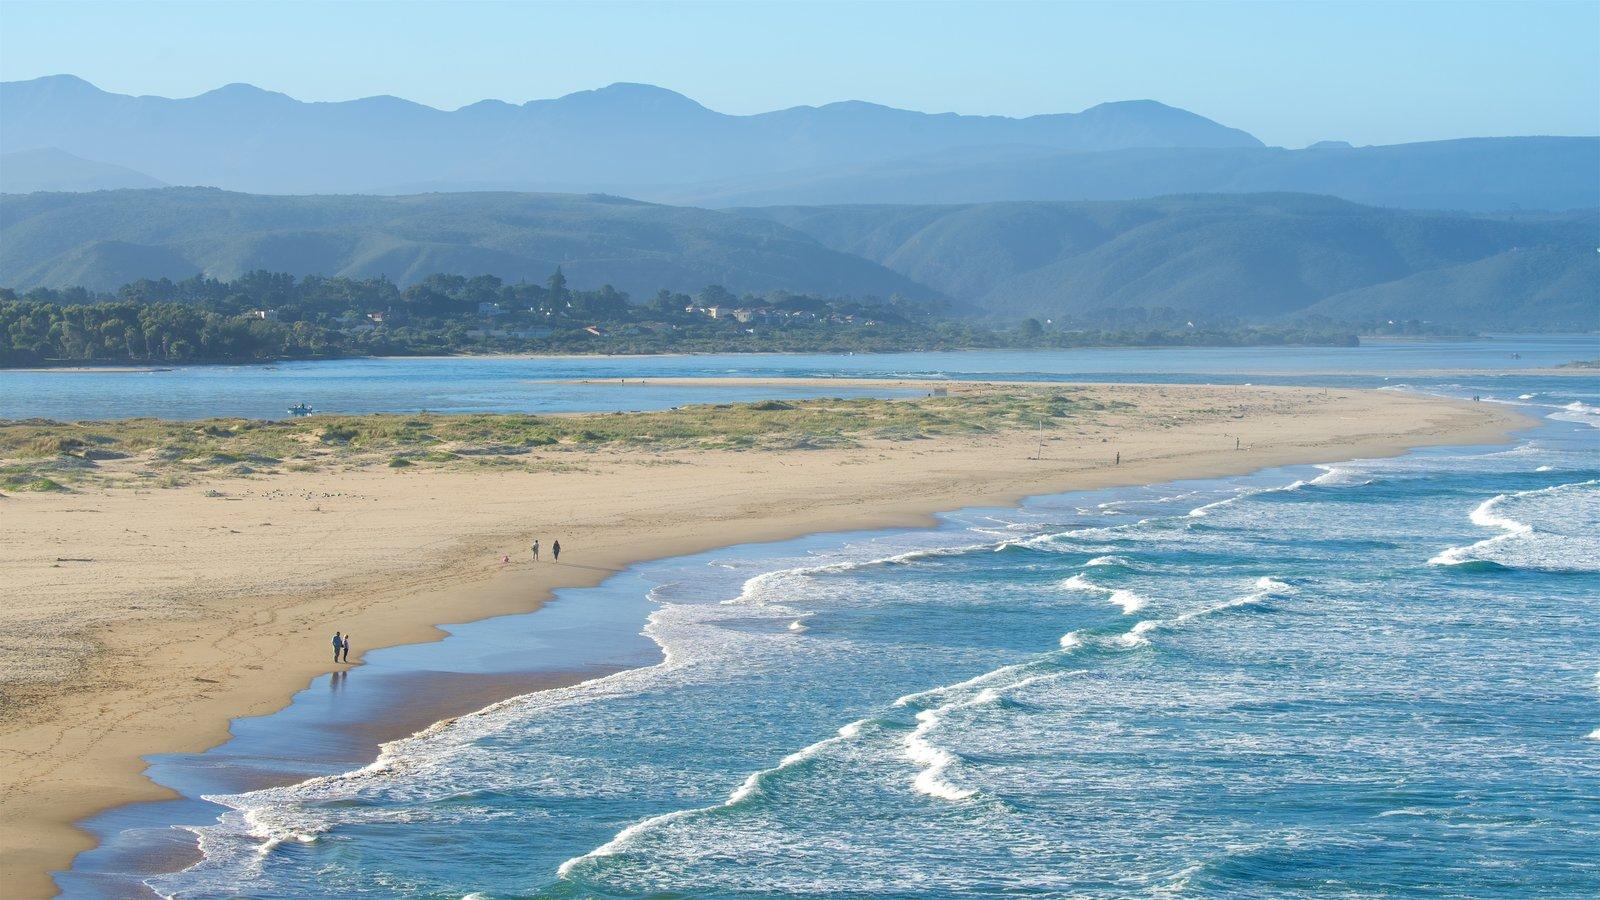 Plettenberg Bay mostrando una playa, olas y escenas tranquilas